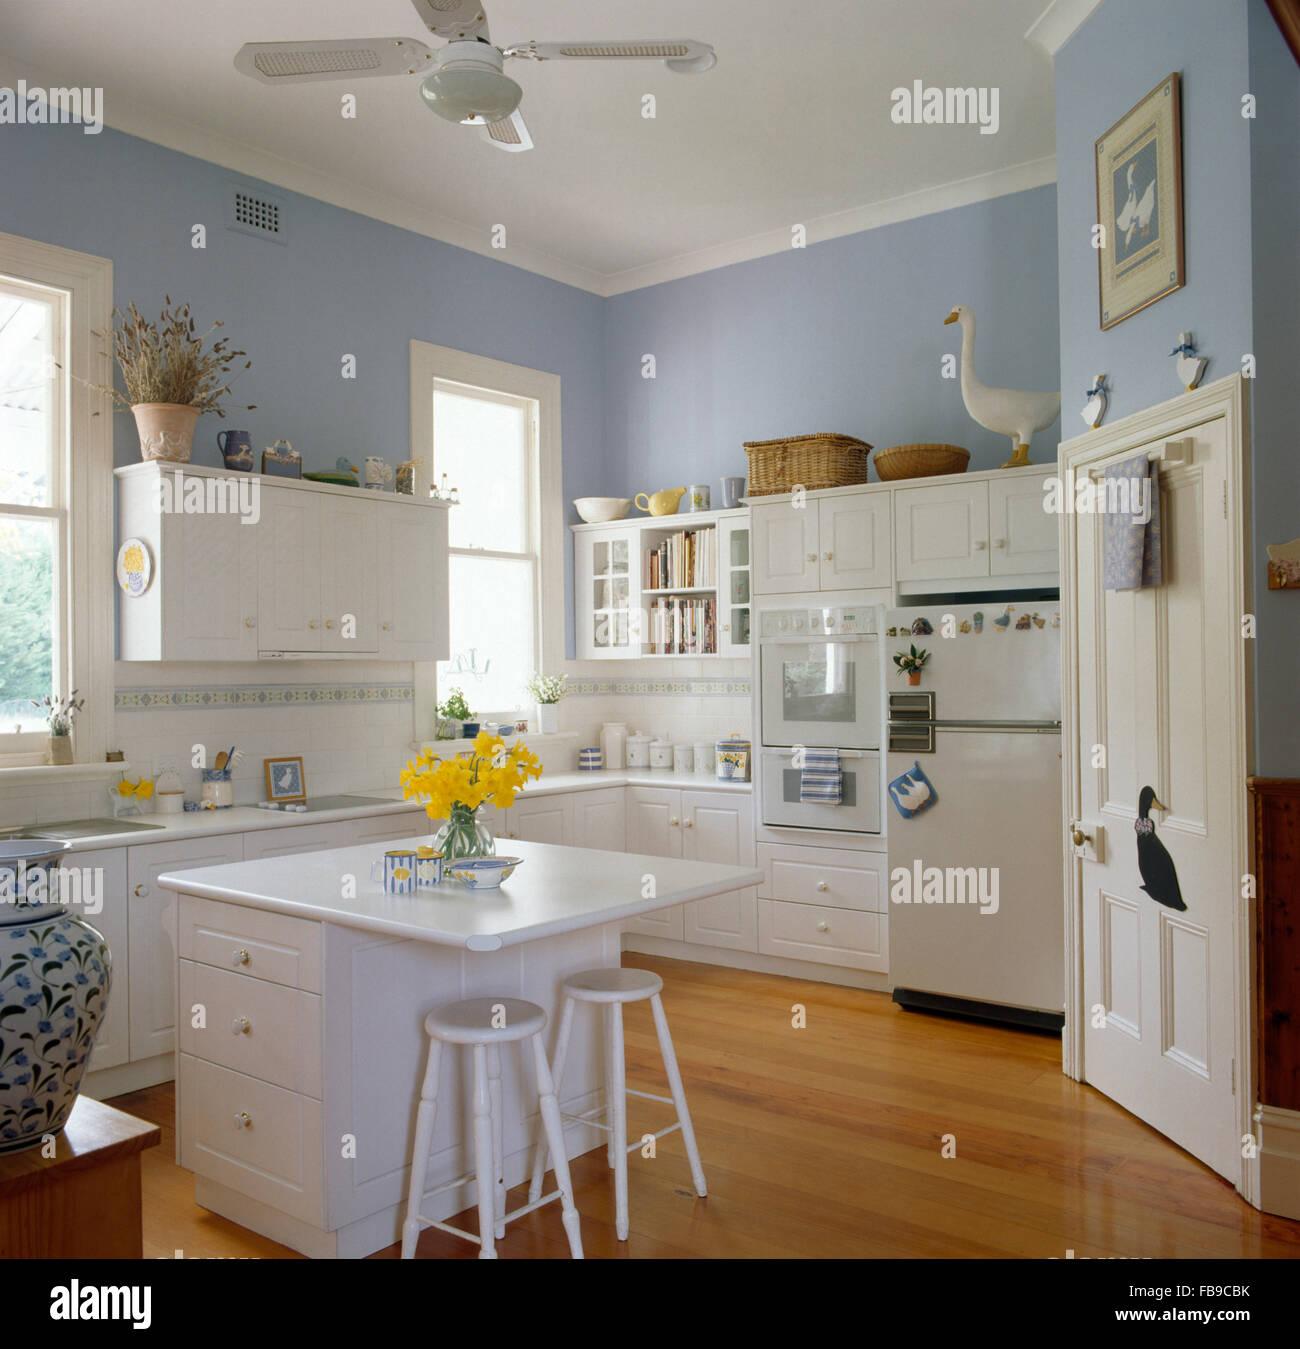 Sgabelli bianco a isola unit in un colore blu pallido la - Sgabelli per isola cucina ...